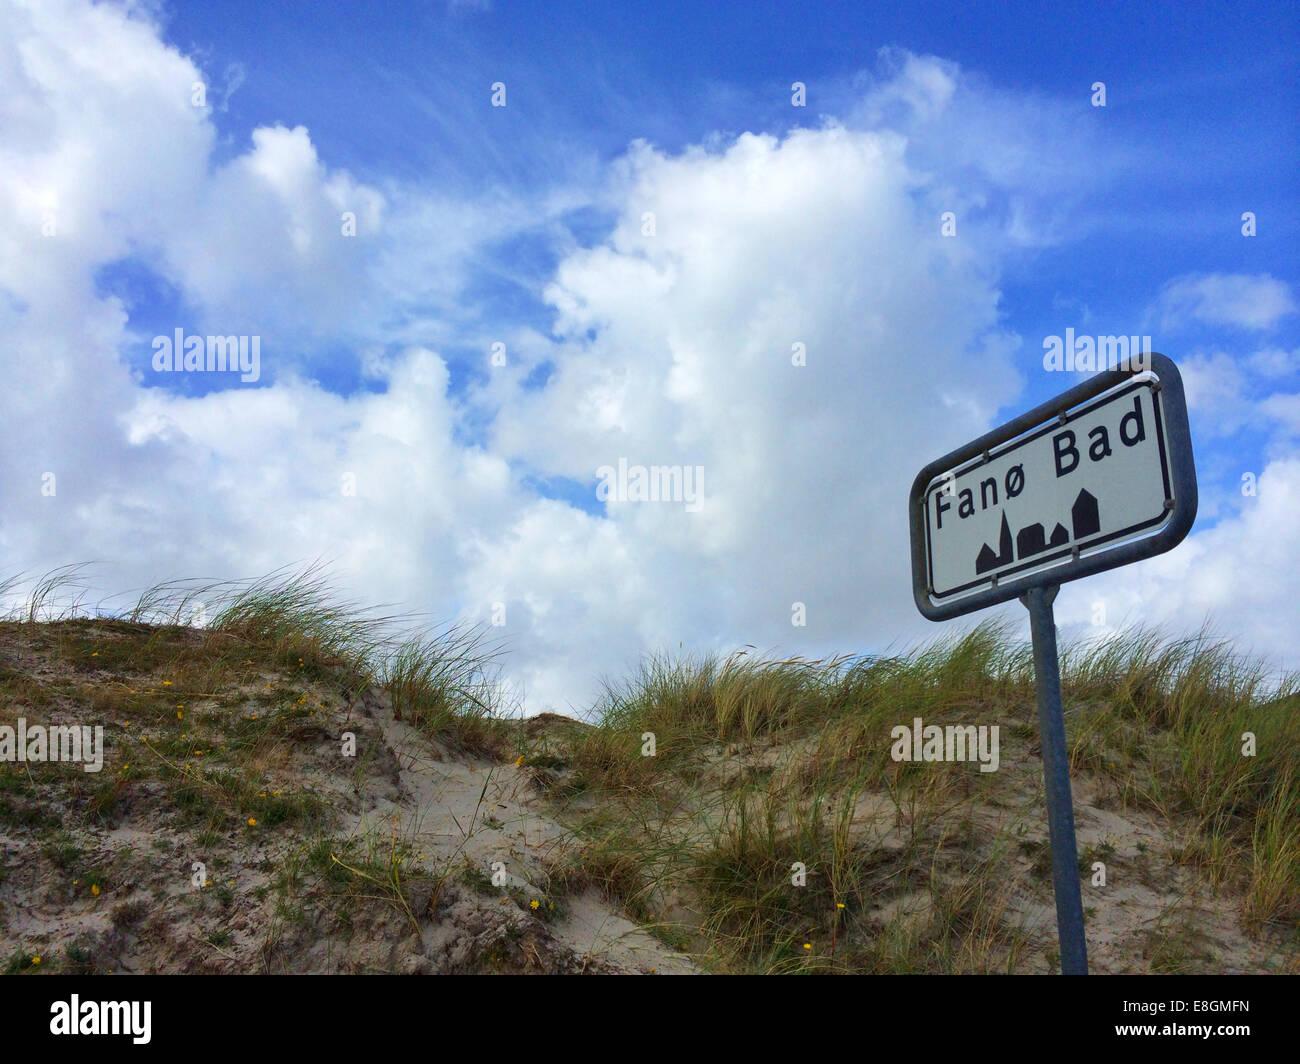 Denmark, Fano Bad, Road sign - Stock Image